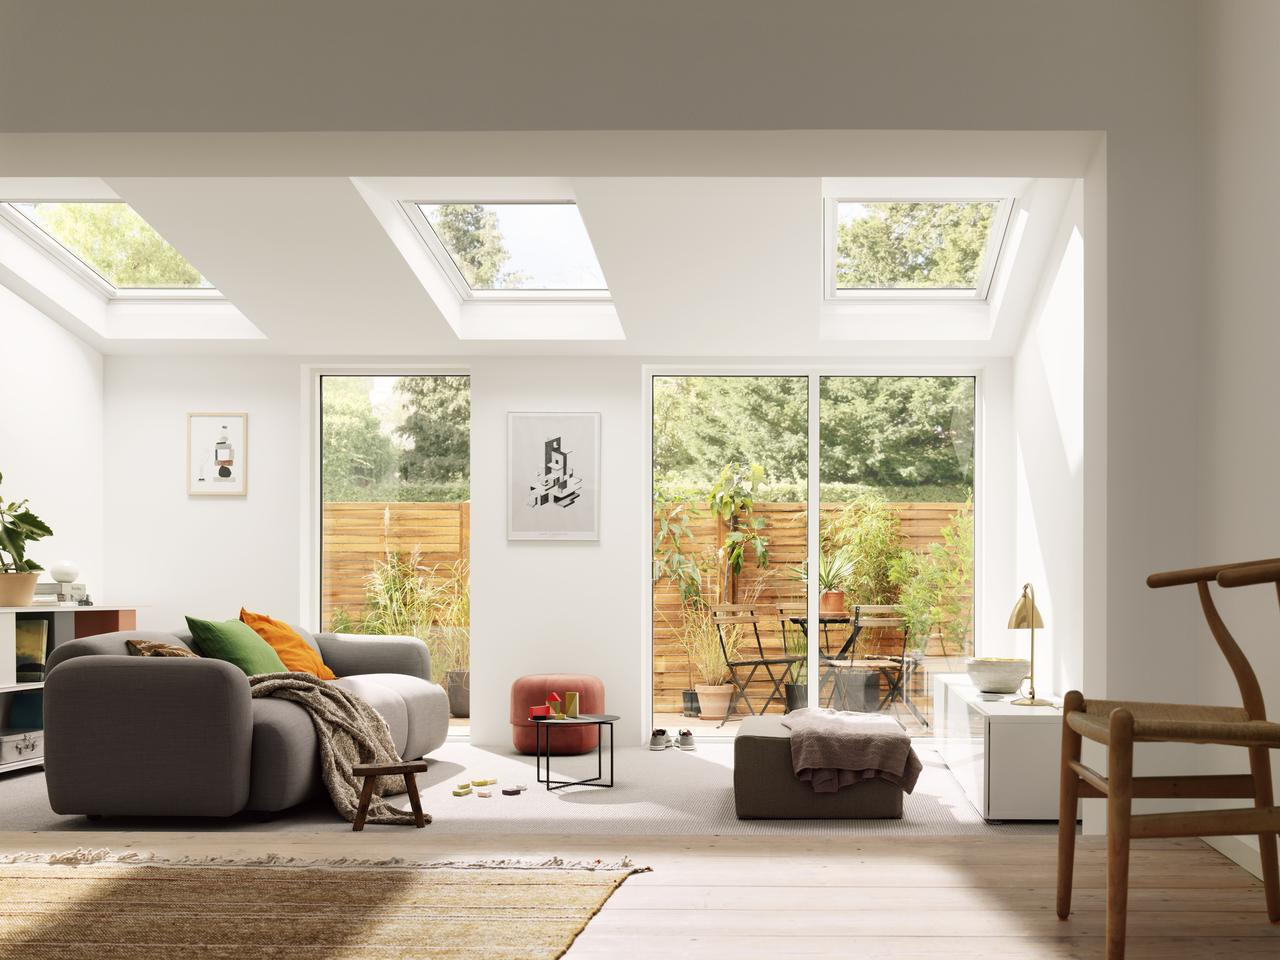 Luce naturale e risparmio energetico for Finestre velux su amazon